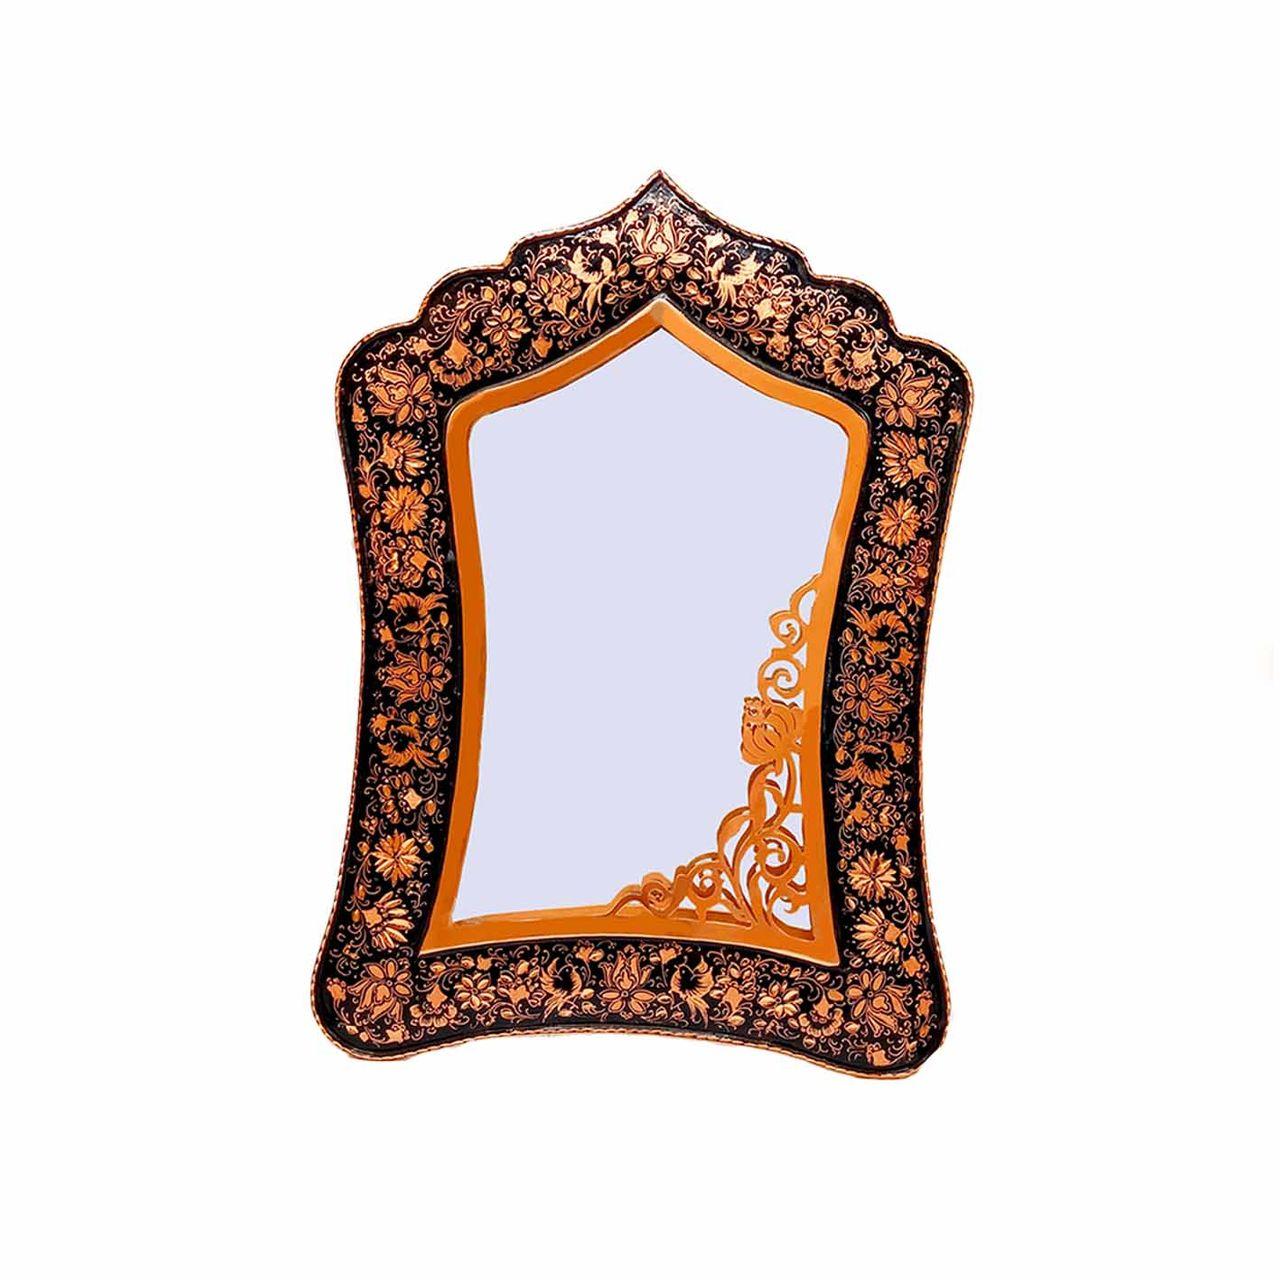 آیینه قلمزنی طرح گل و مرغ کد 066